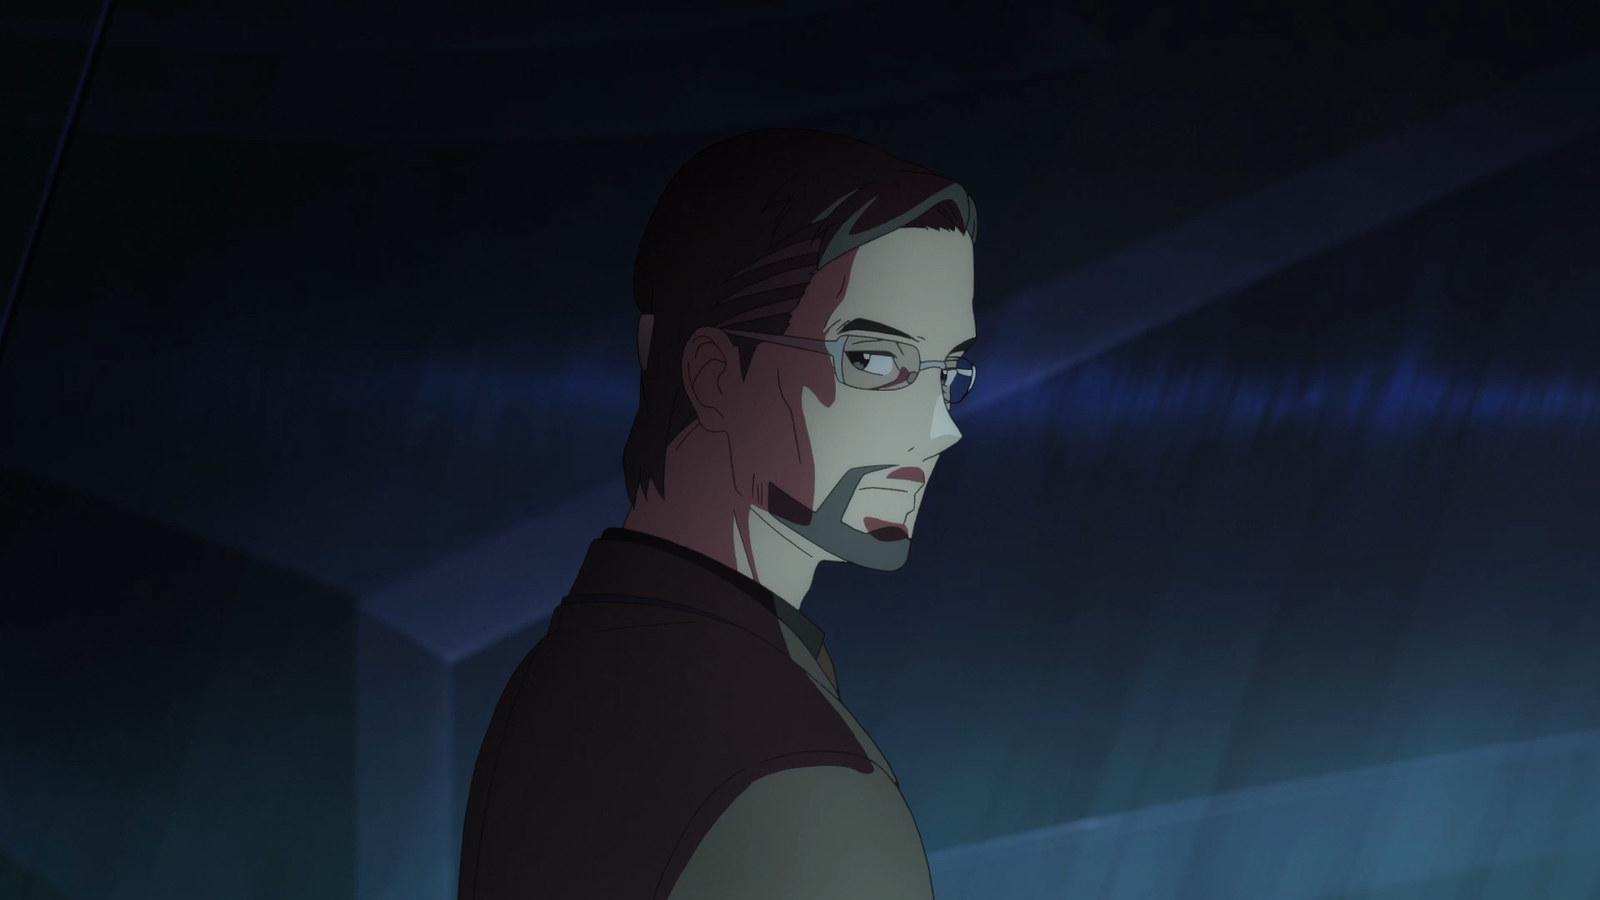 君の名は 技術も取り込んだ 伊藤智彦監督が明かすヒット映画 Sao